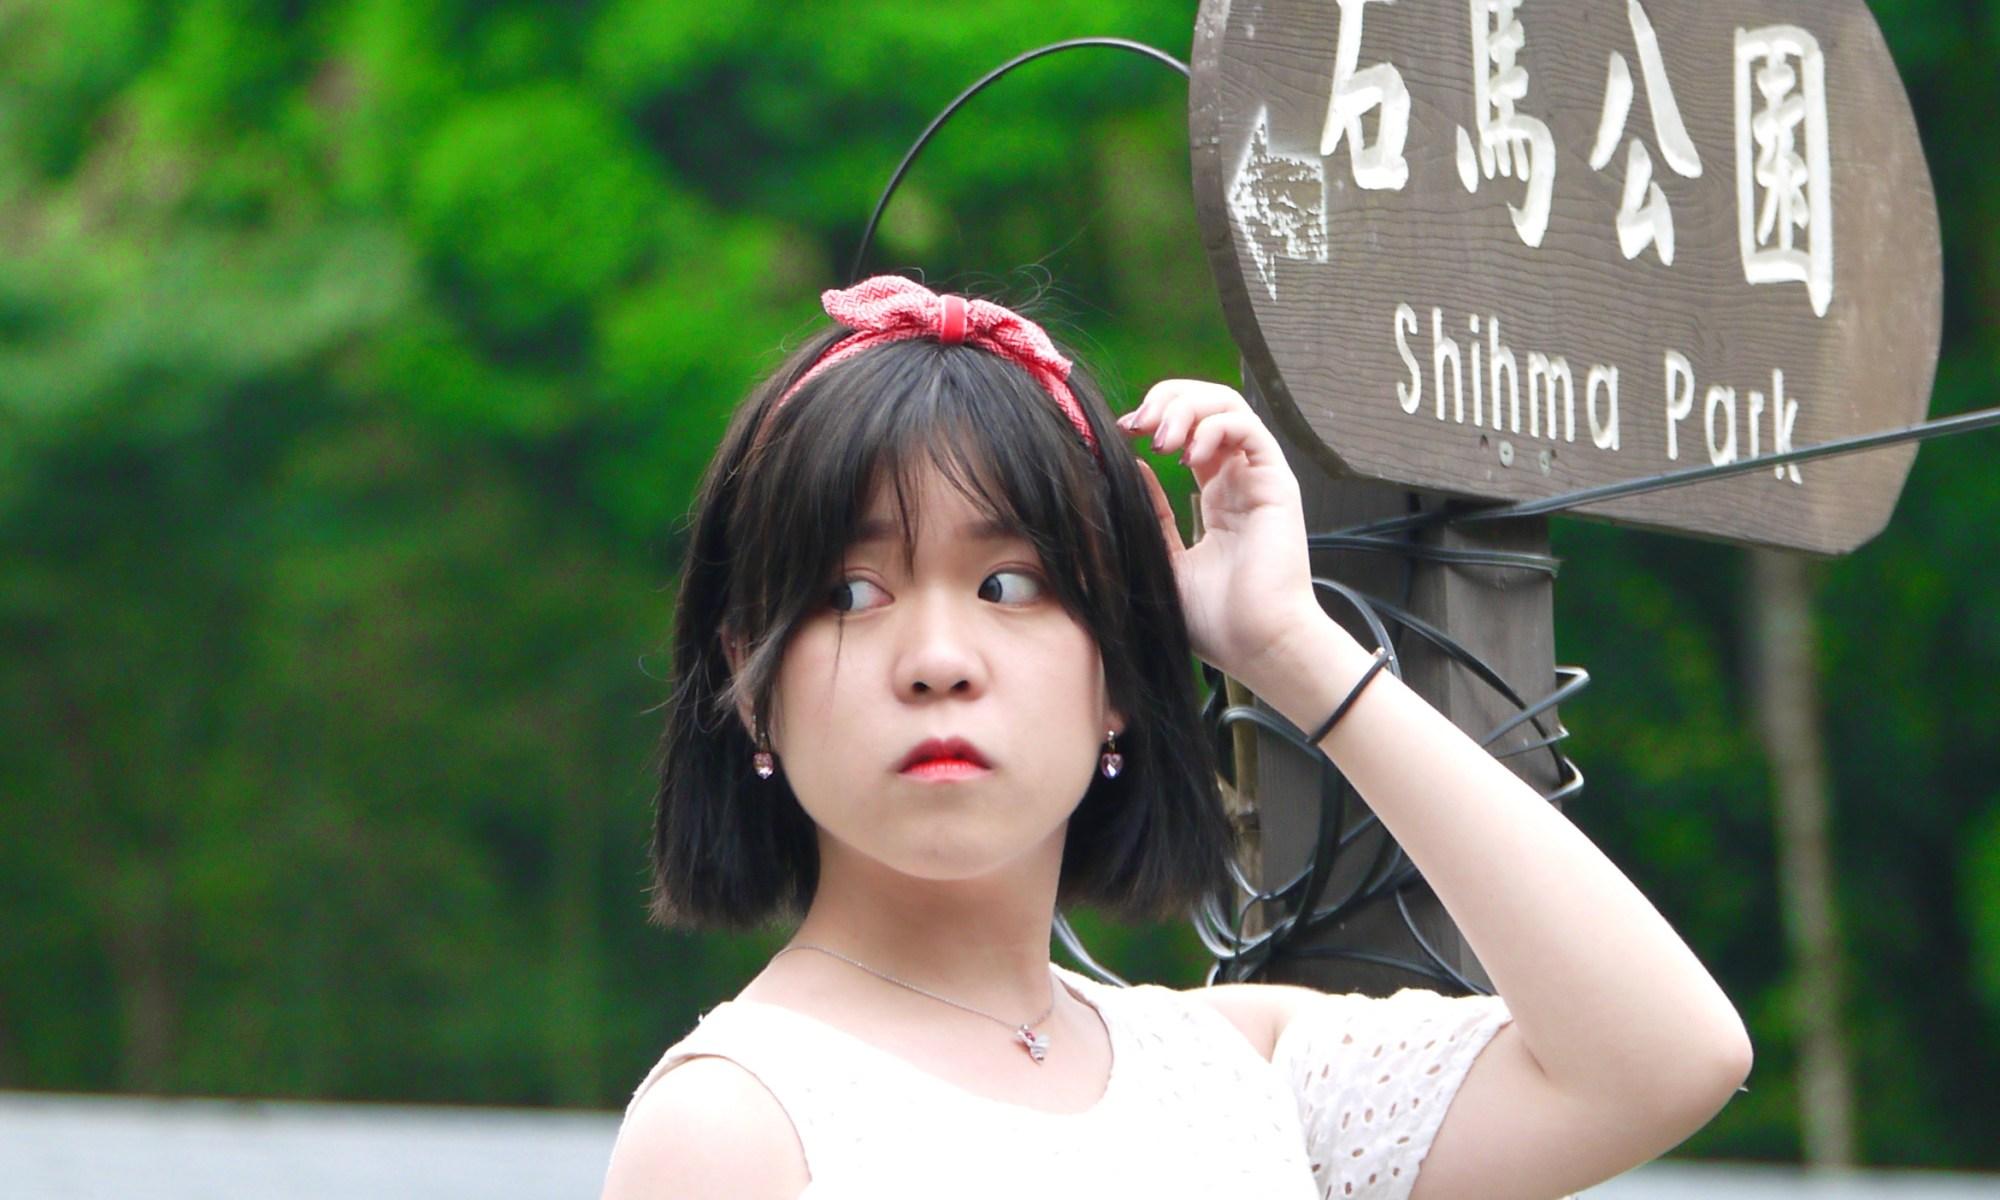 青青綠竹 | 清新自然 | 網美 | 網美景點 | 鹿谷 | Lugu | 南投 | Nantou | Taiwan | 巡日旅行攝